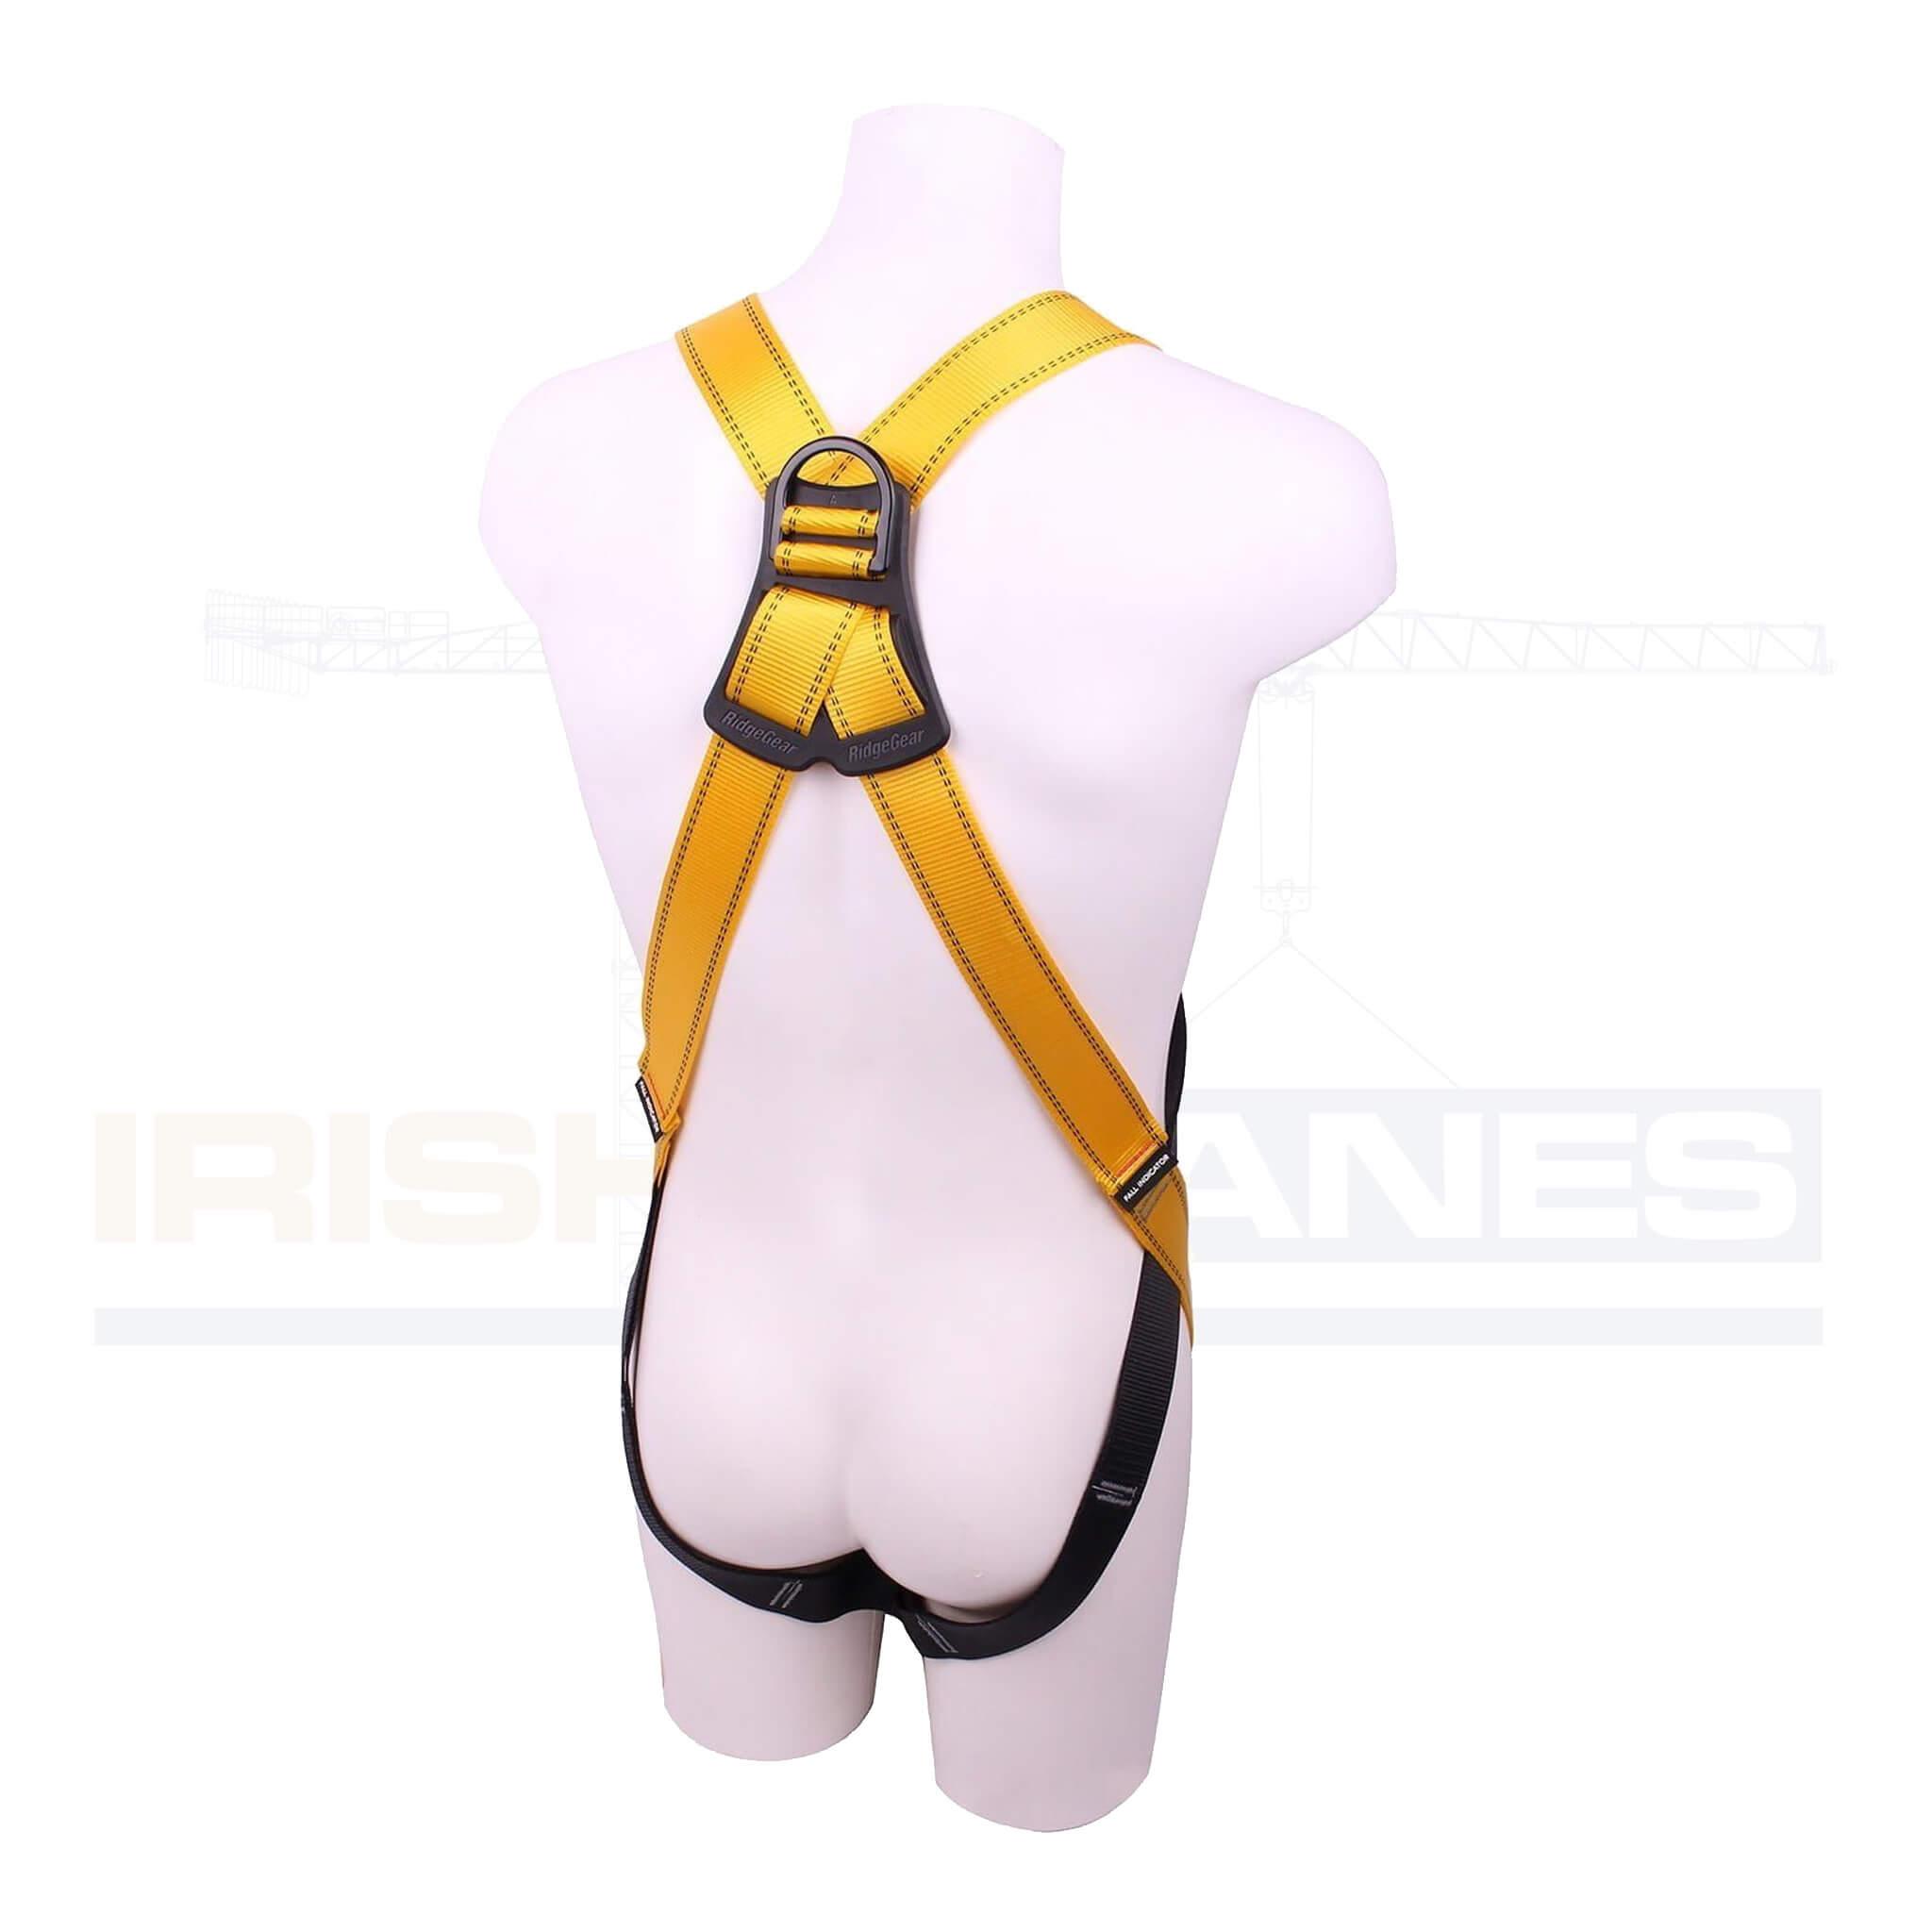 Ridgegear 2 point safety harness back